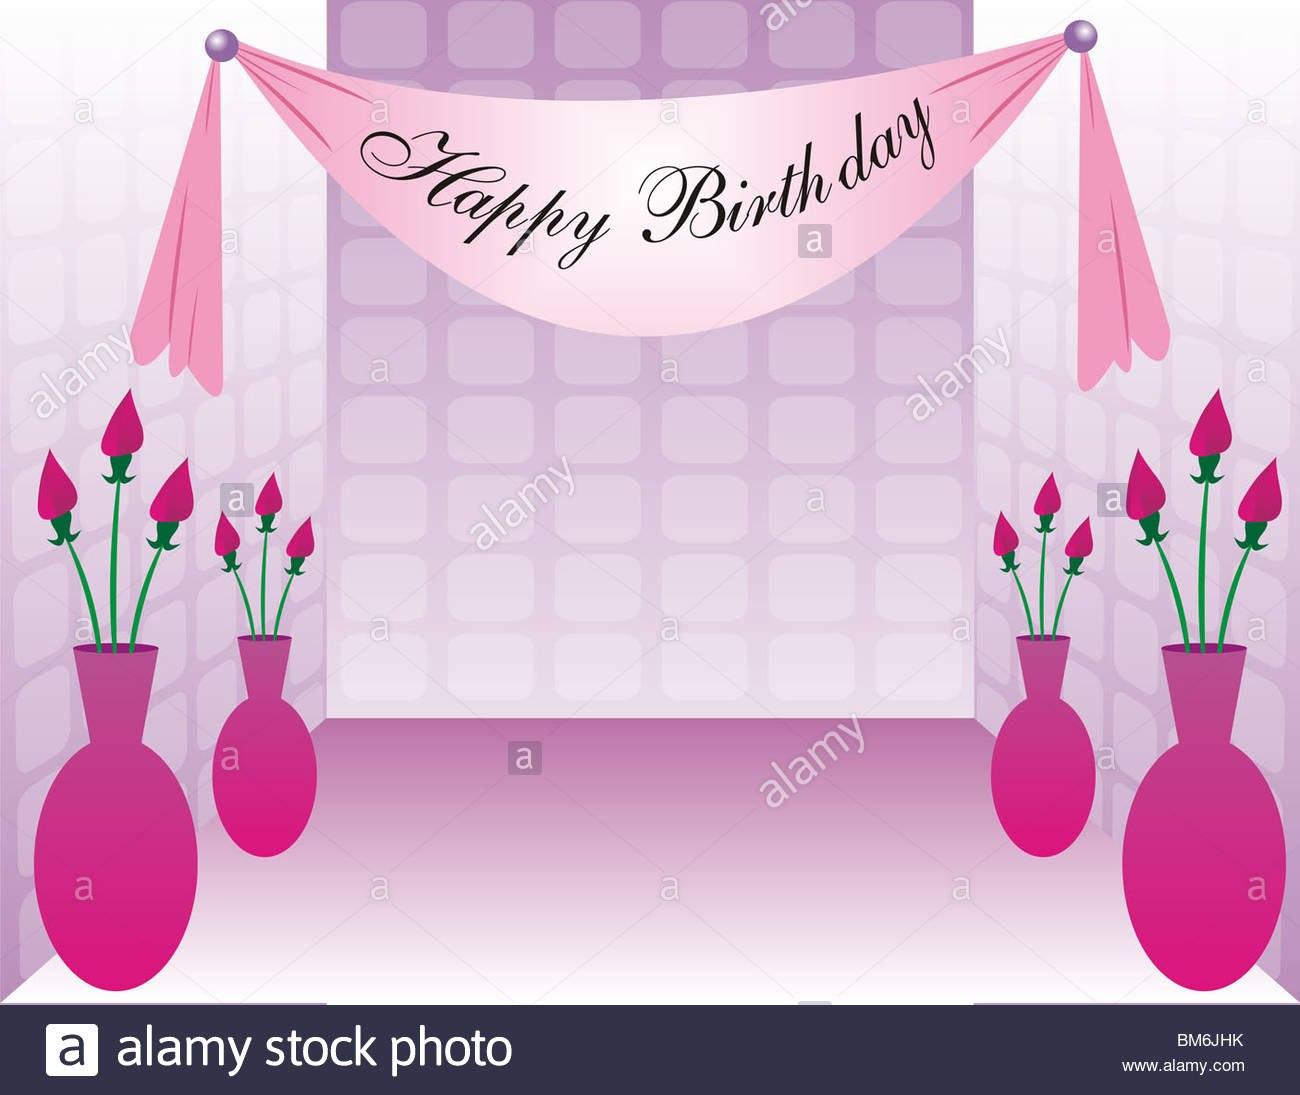 Happy Birthday Banner Stock Photos  Happy Birthday Banner Stock With Sweet 16 Banner Template